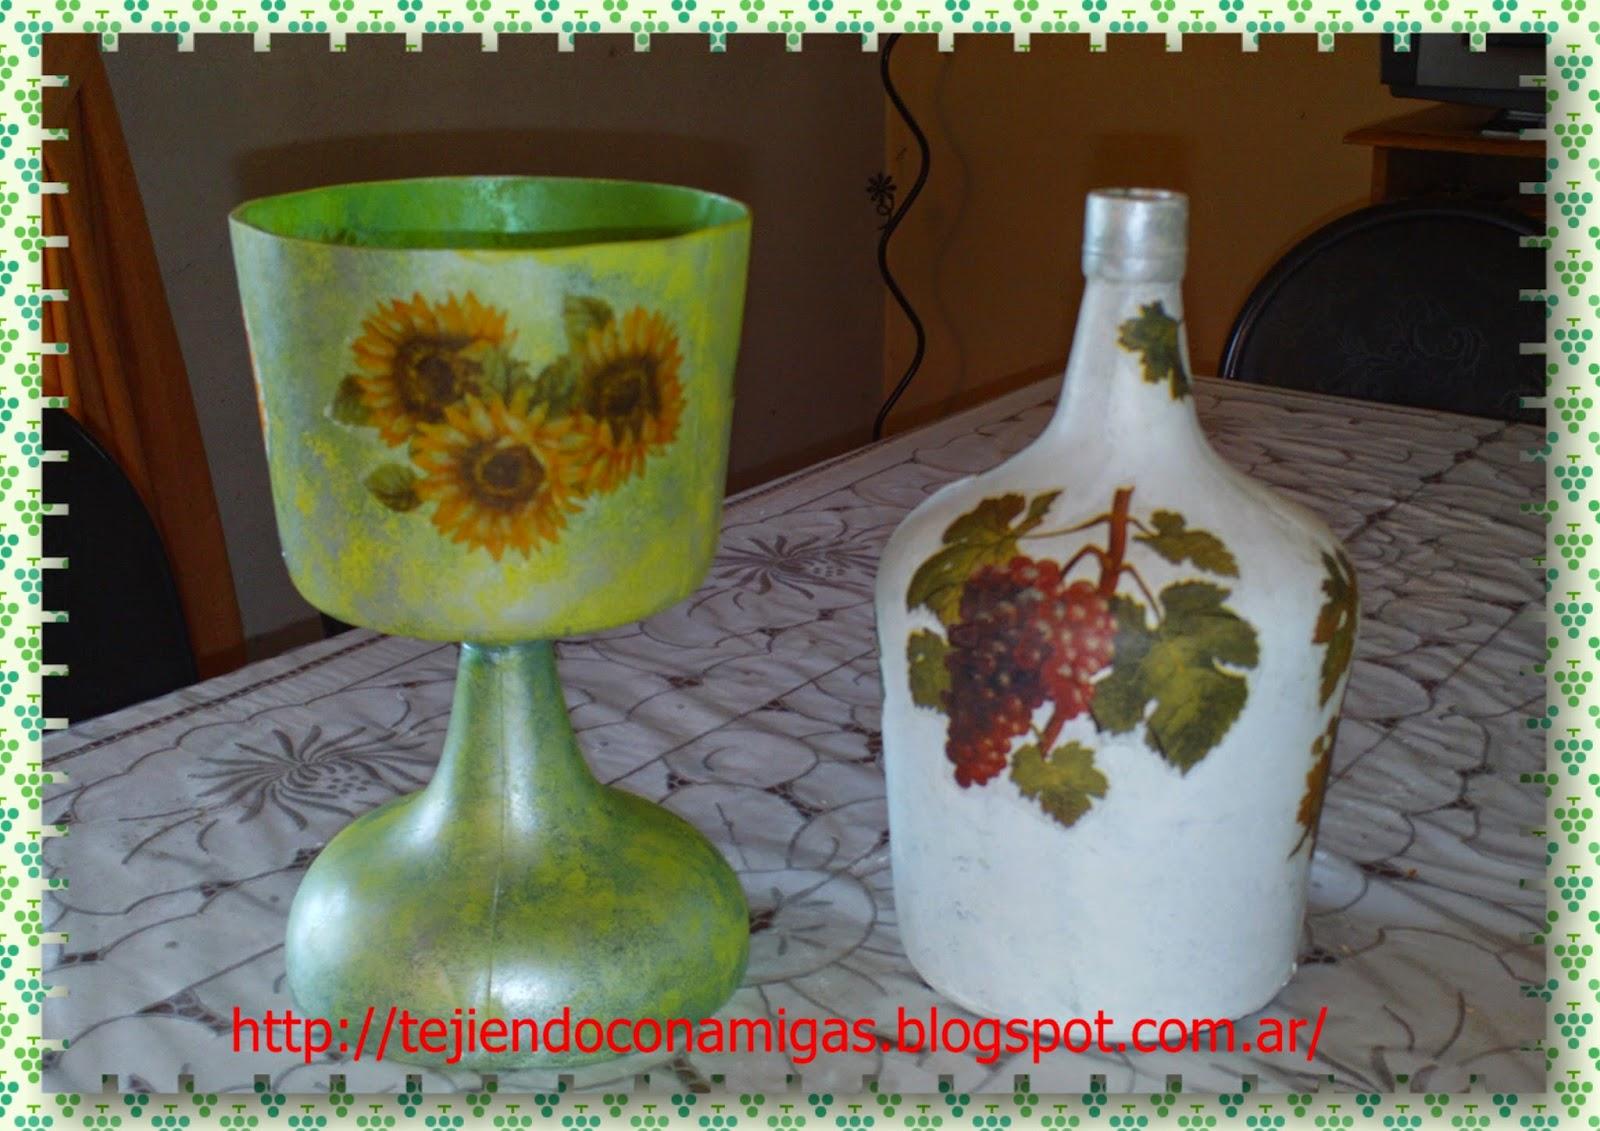 Tejiendo con amigas artesan as con botellas y damajuanas - Como poner fibra de vidrio ...